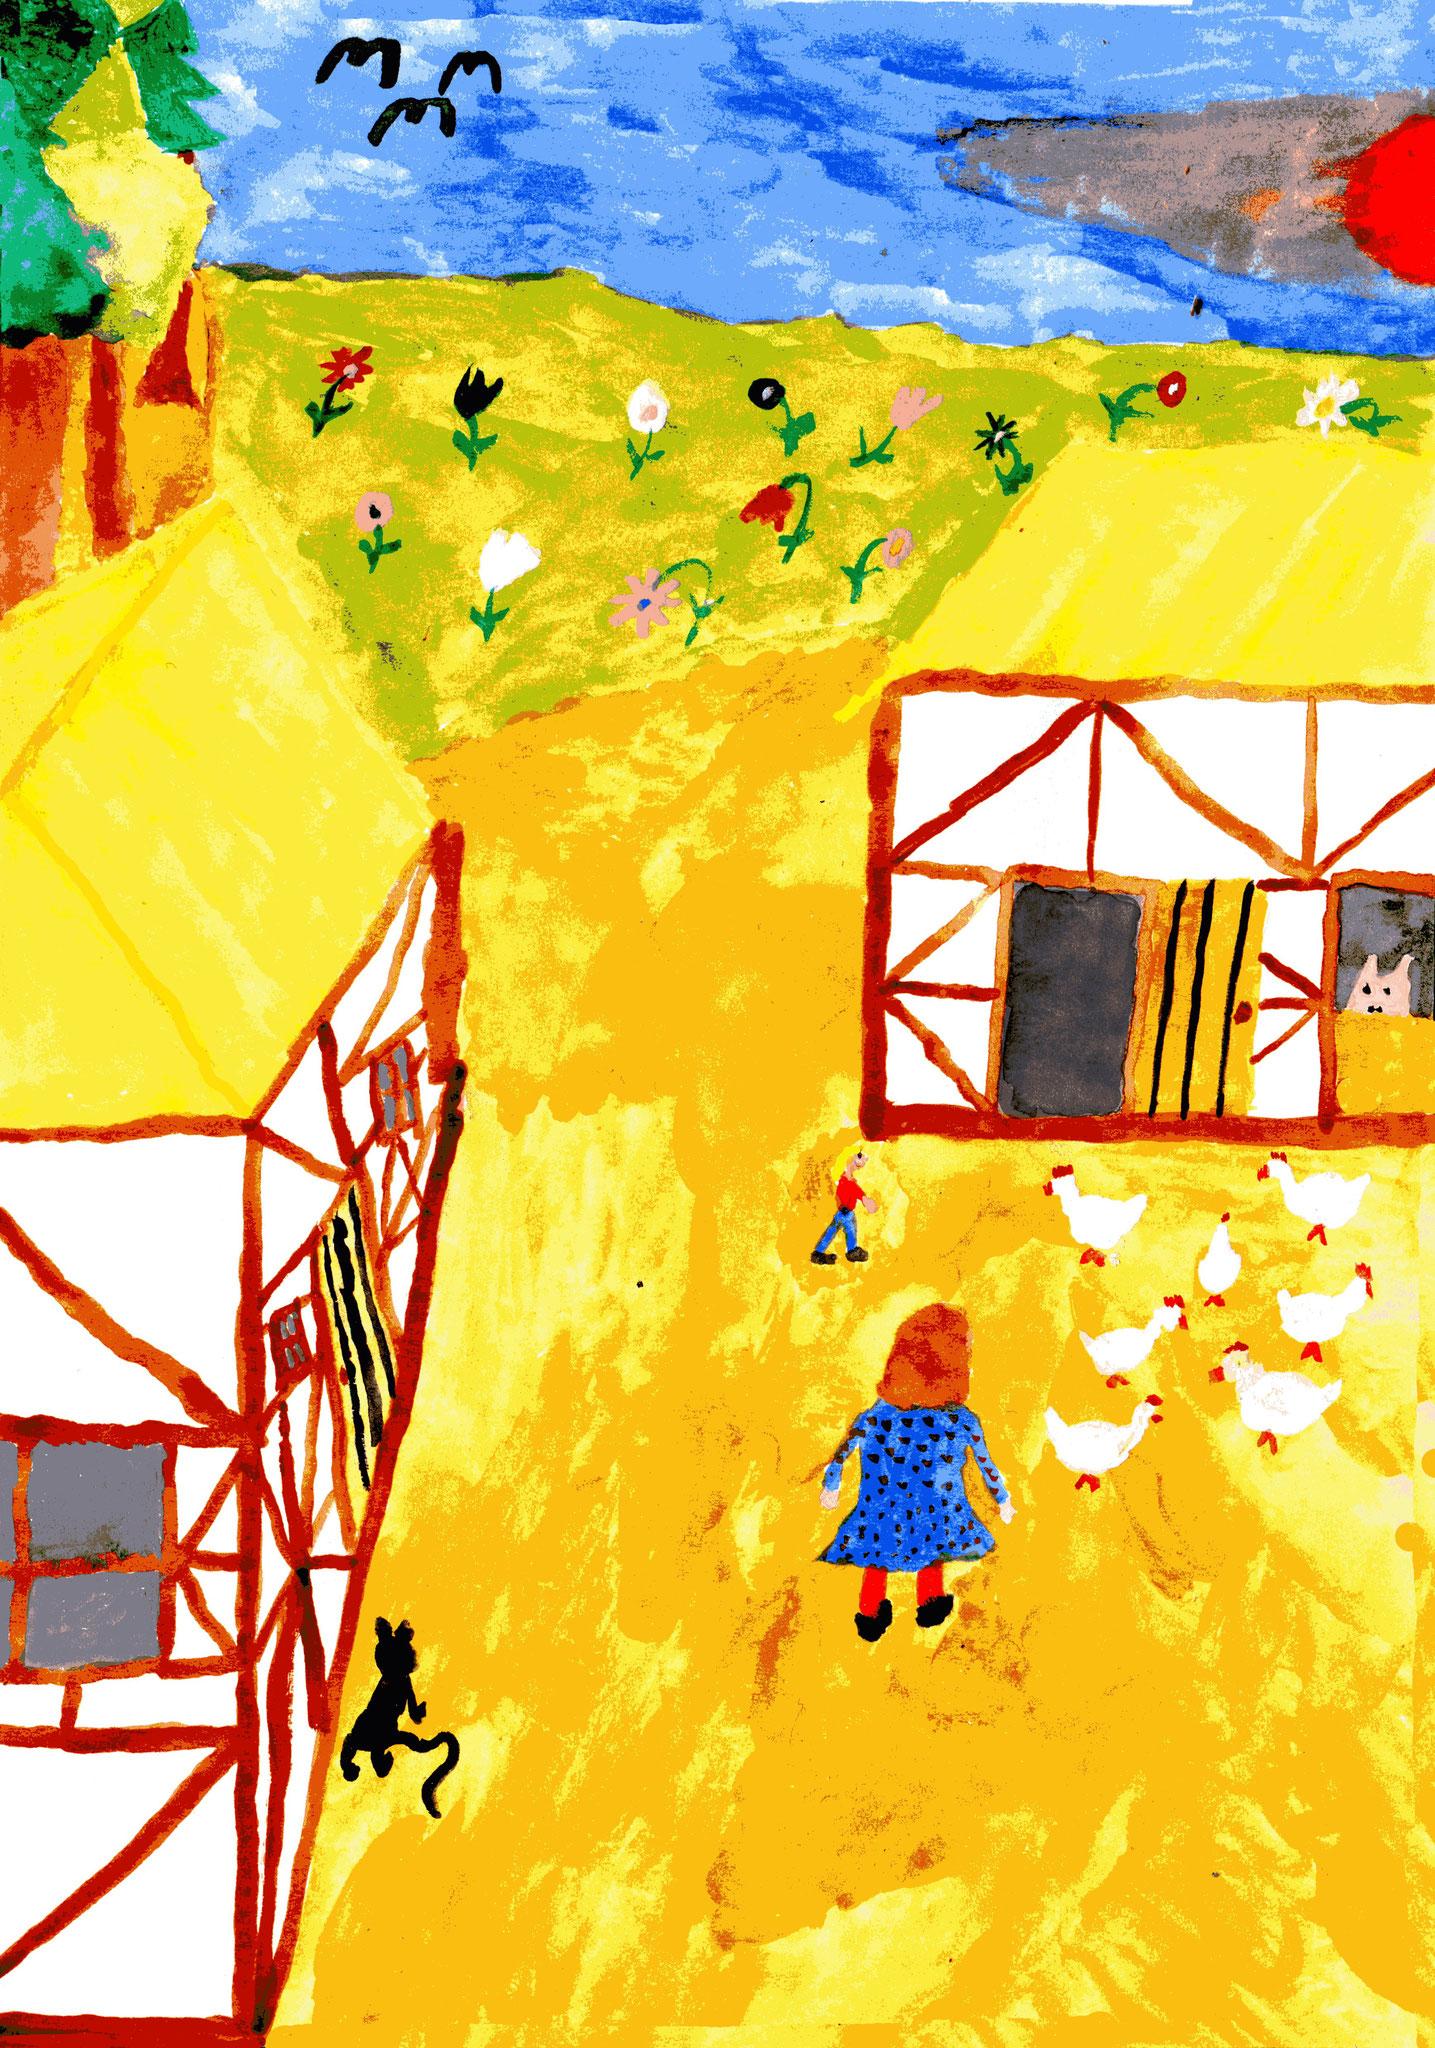 Anna treibt die Hühner in den Stall